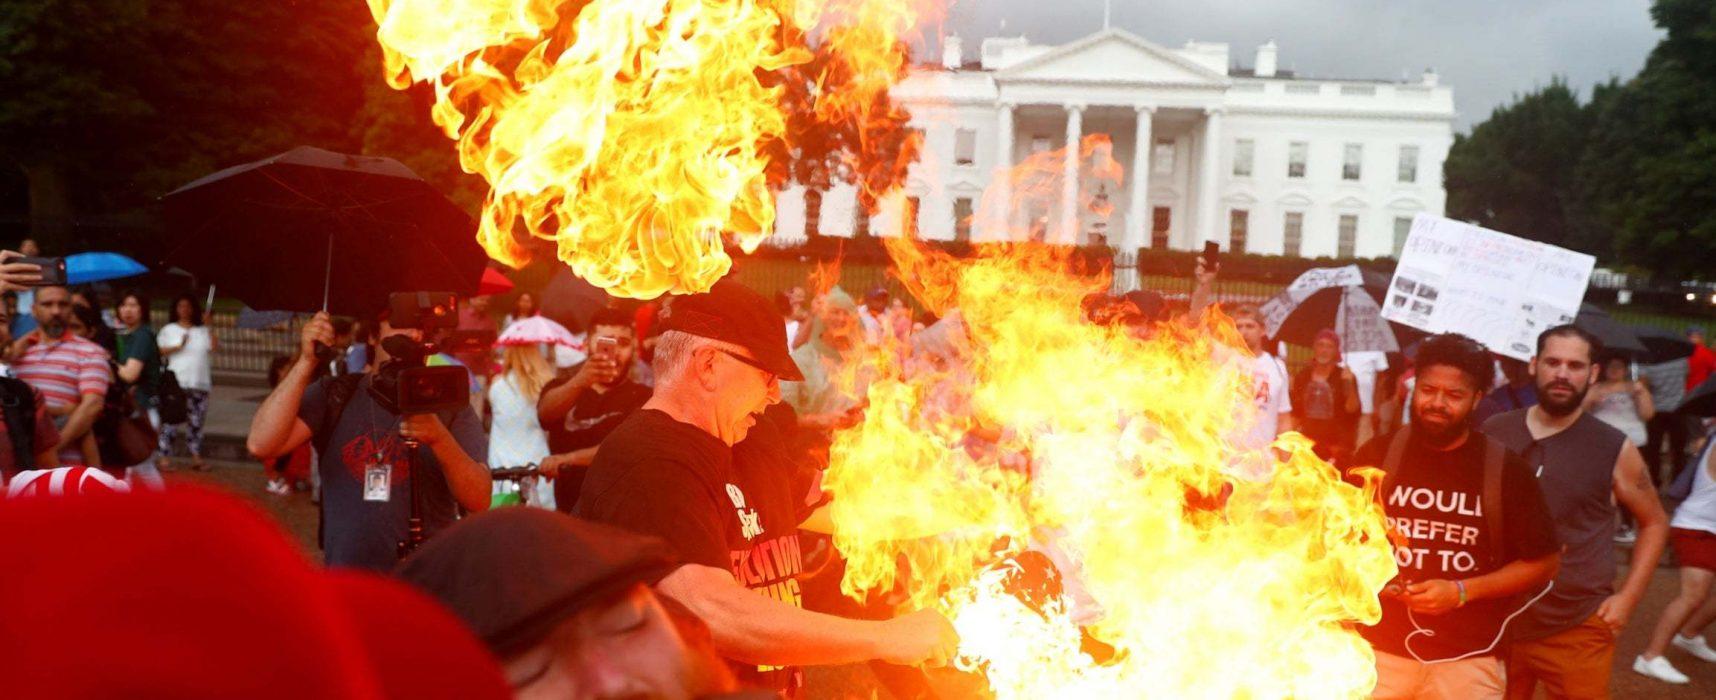 Фейк РИА «Новости»: в Вашингтоне арестовали активистов за сожжение американского флага